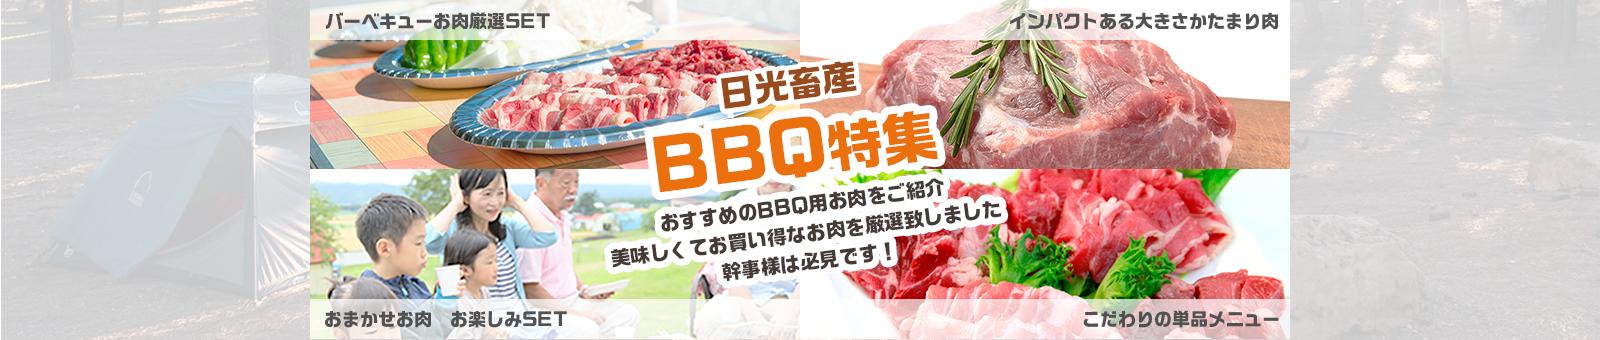 BBQ用厳選お肉特集